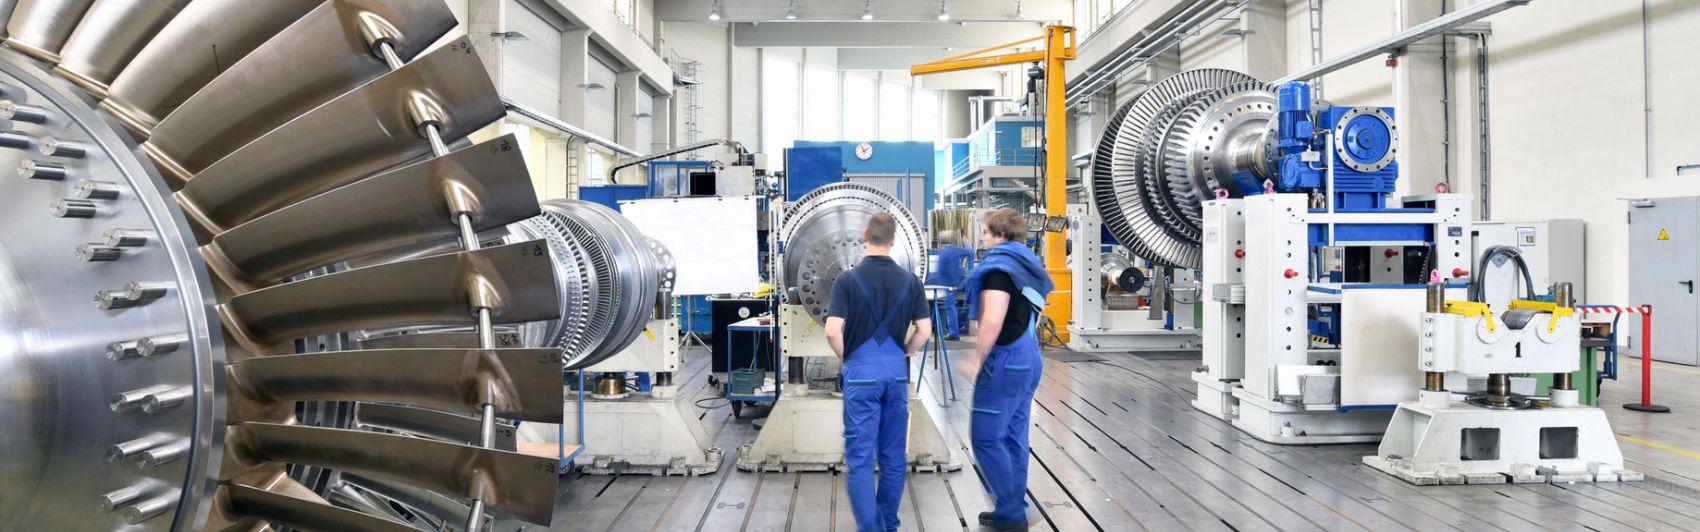 Blick in eine Produktionshalle